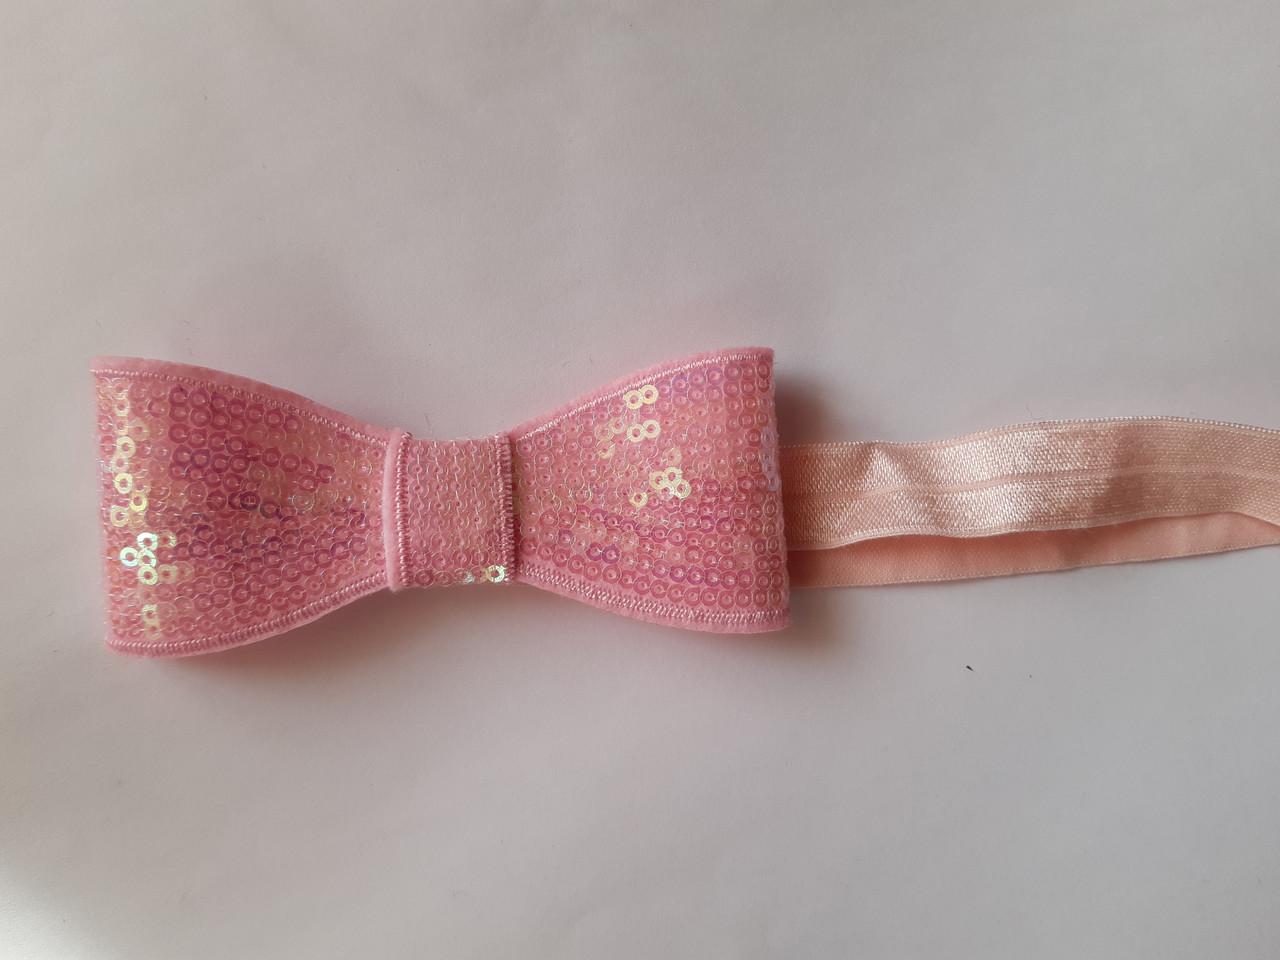 Повязка детская розовая с пайетками - бант около 10см, окружность 36-48см